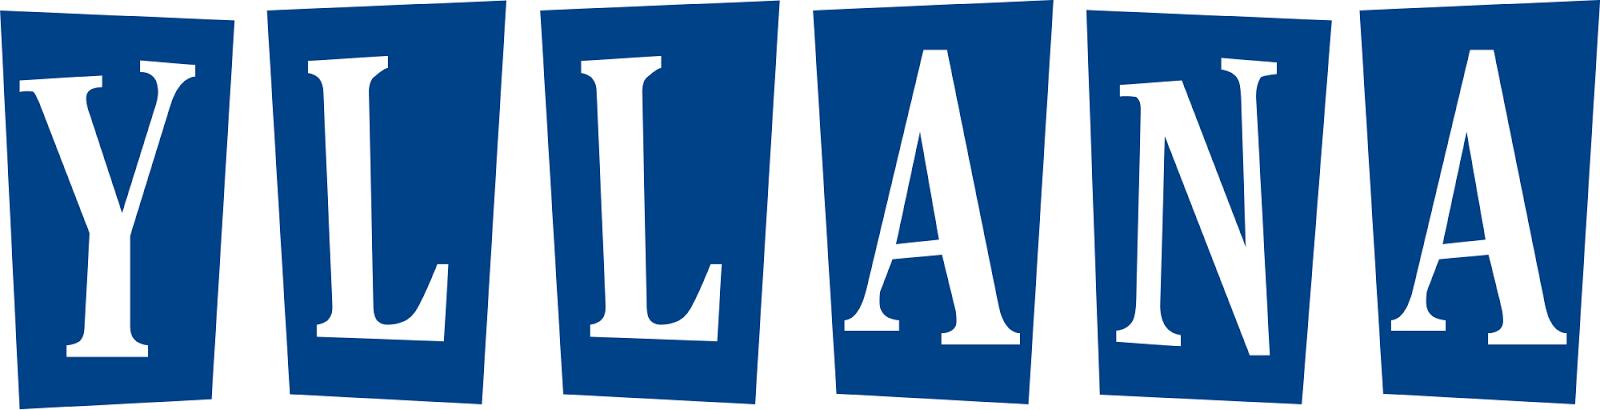 Logo de Yllana Producciones